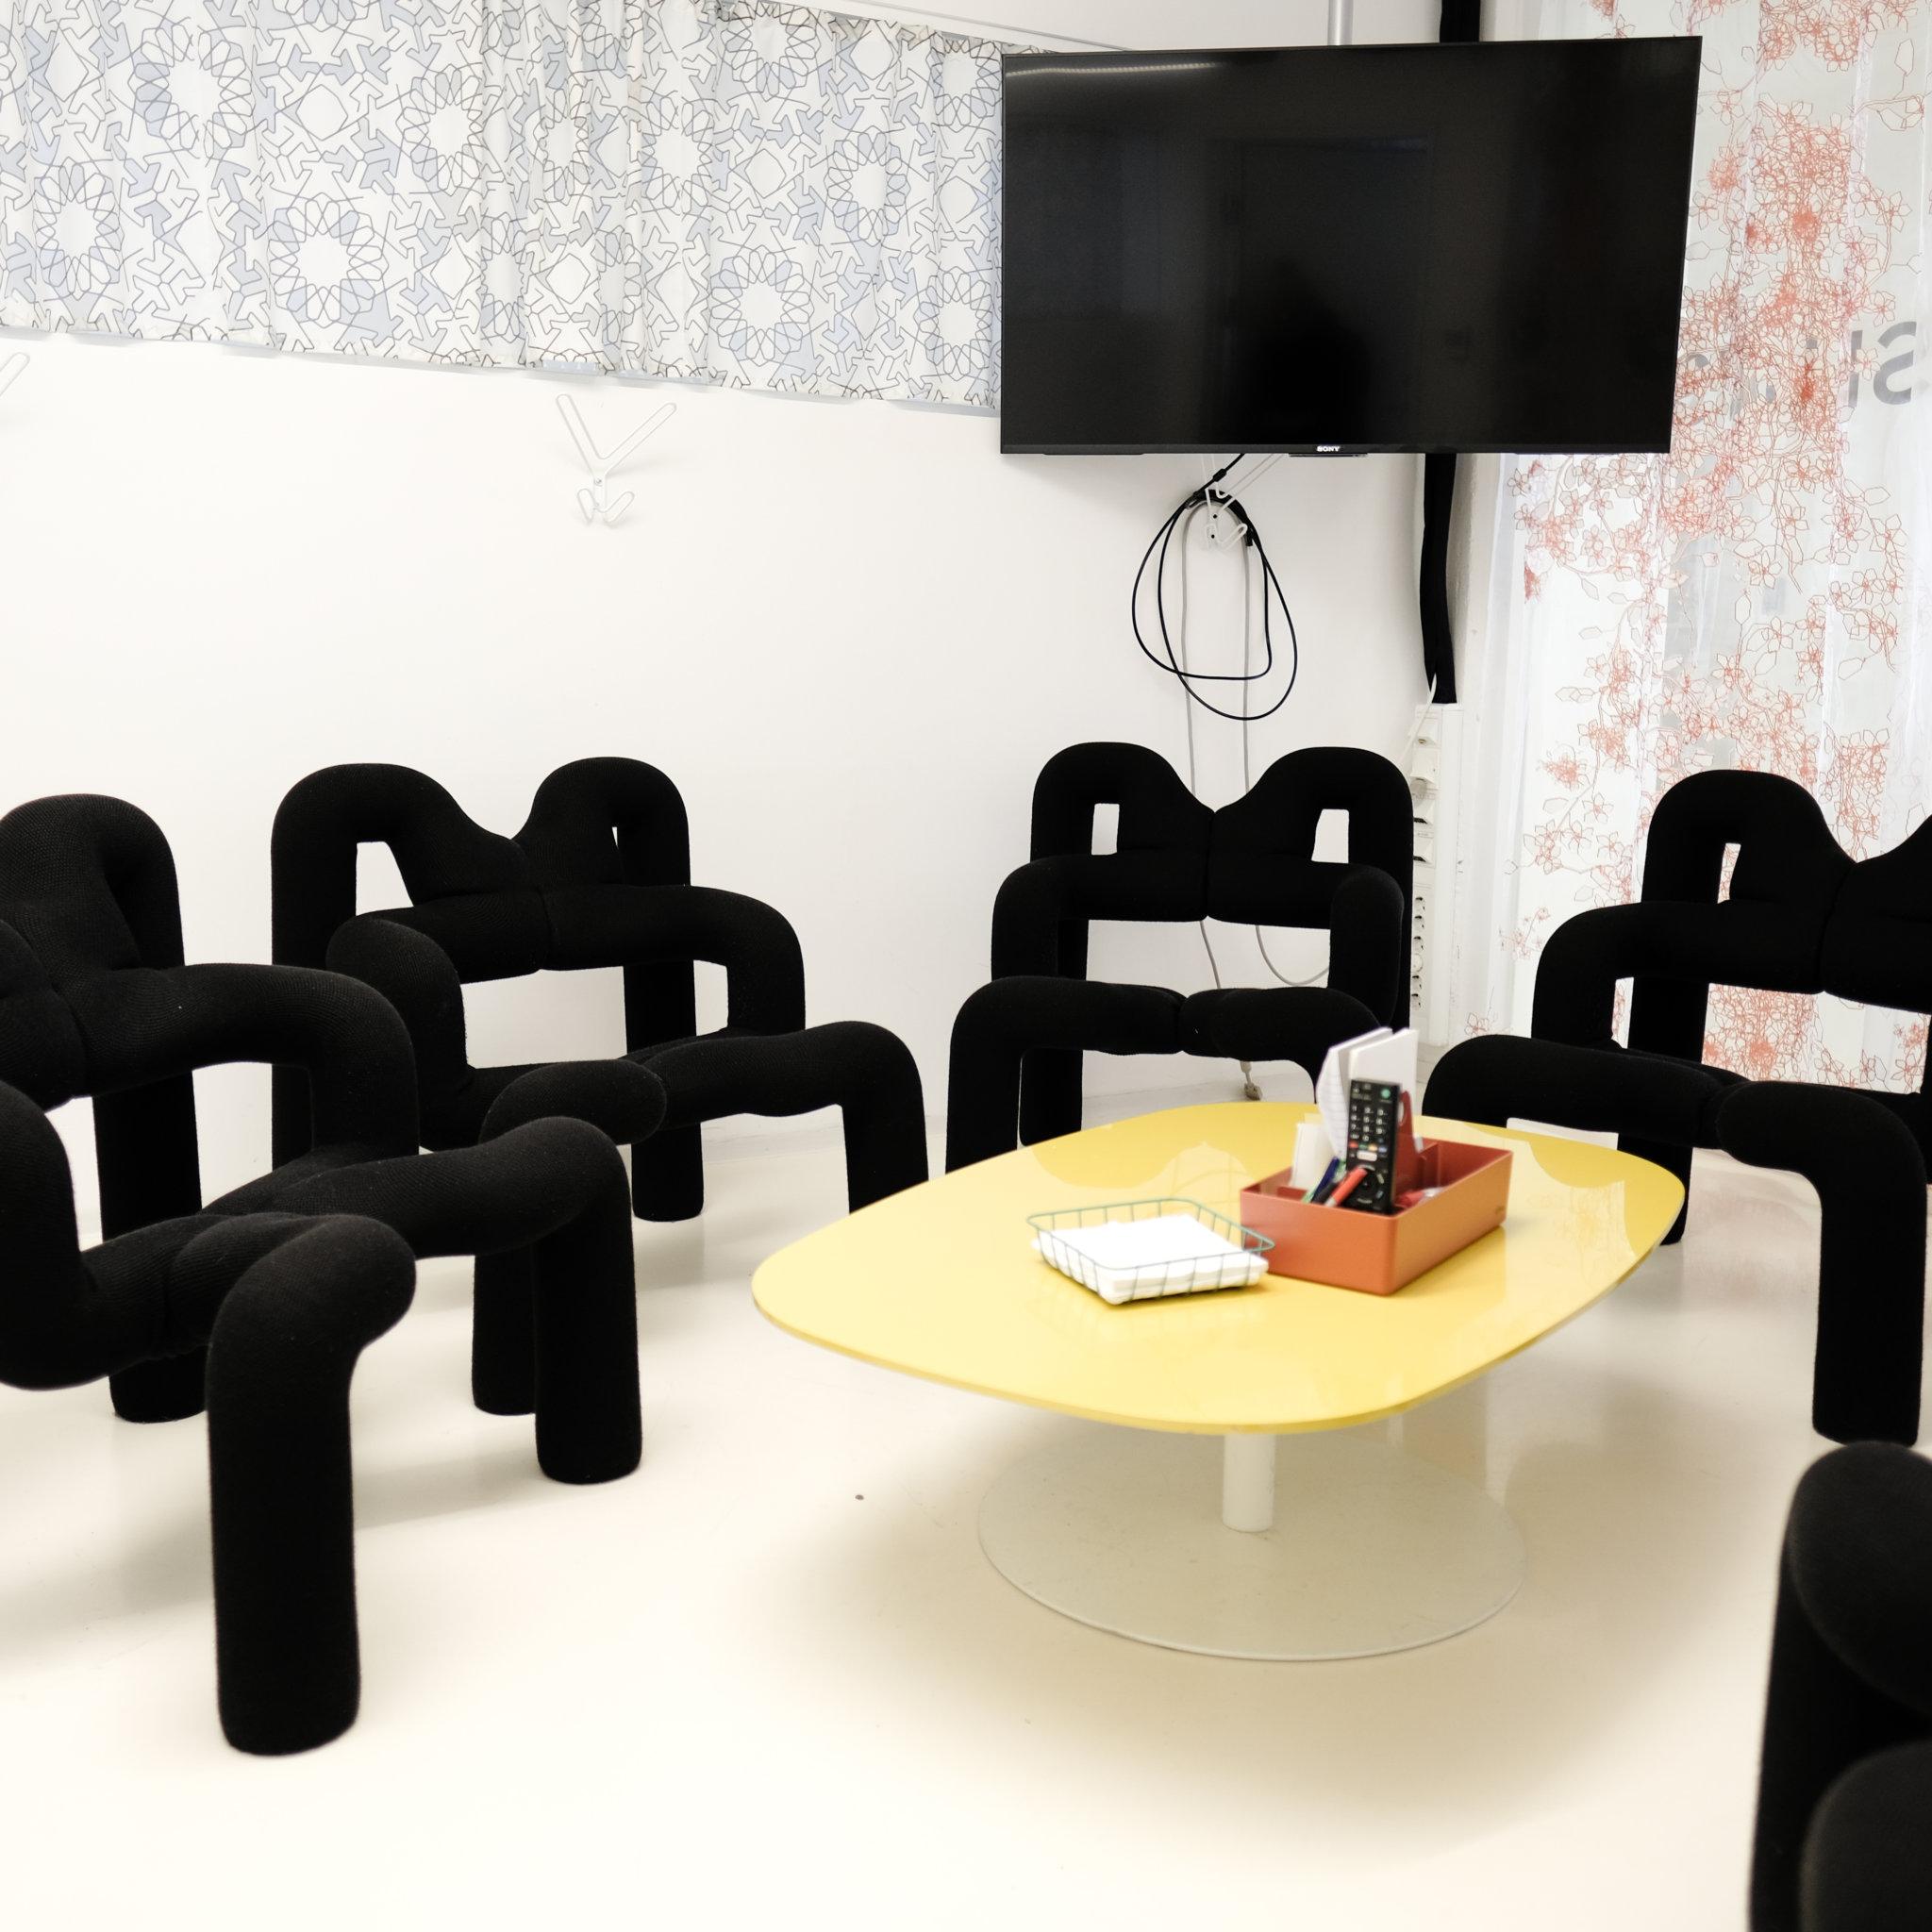 Svarta stolar vid ett gult bord.